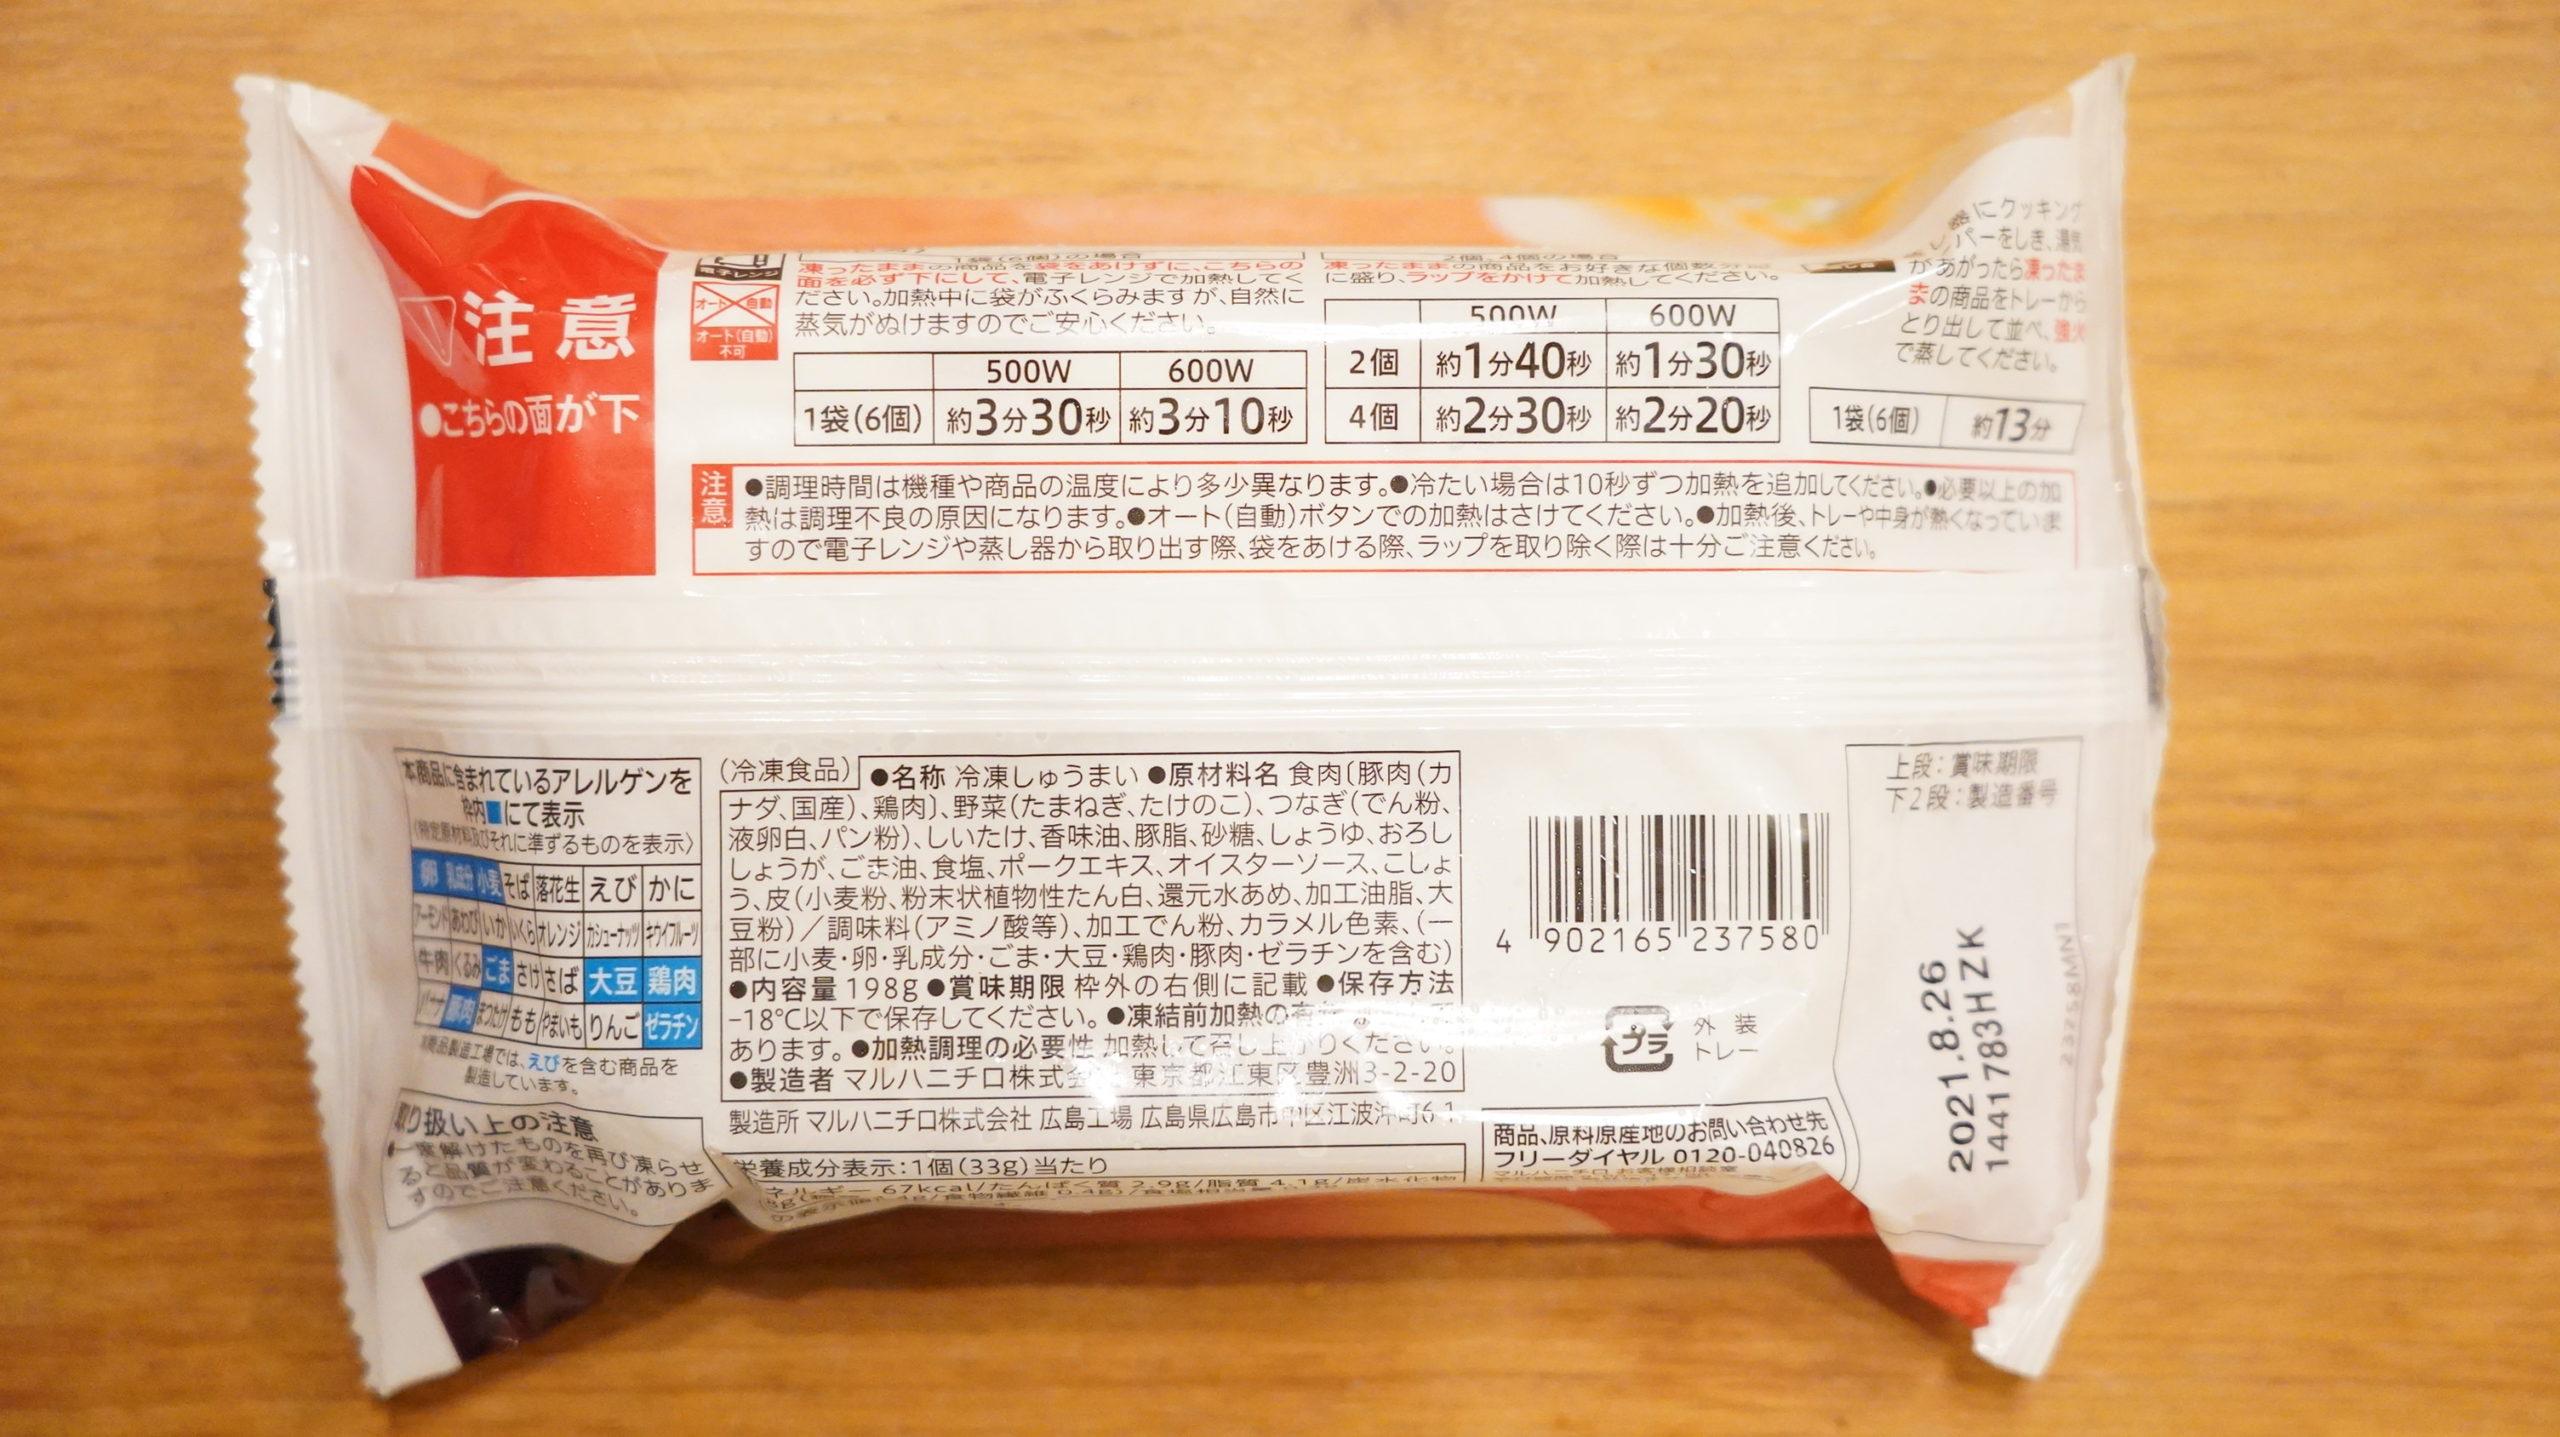 セブンイレブンの冷凍食品「特製点心・本格肉焼売」の裏面の写真